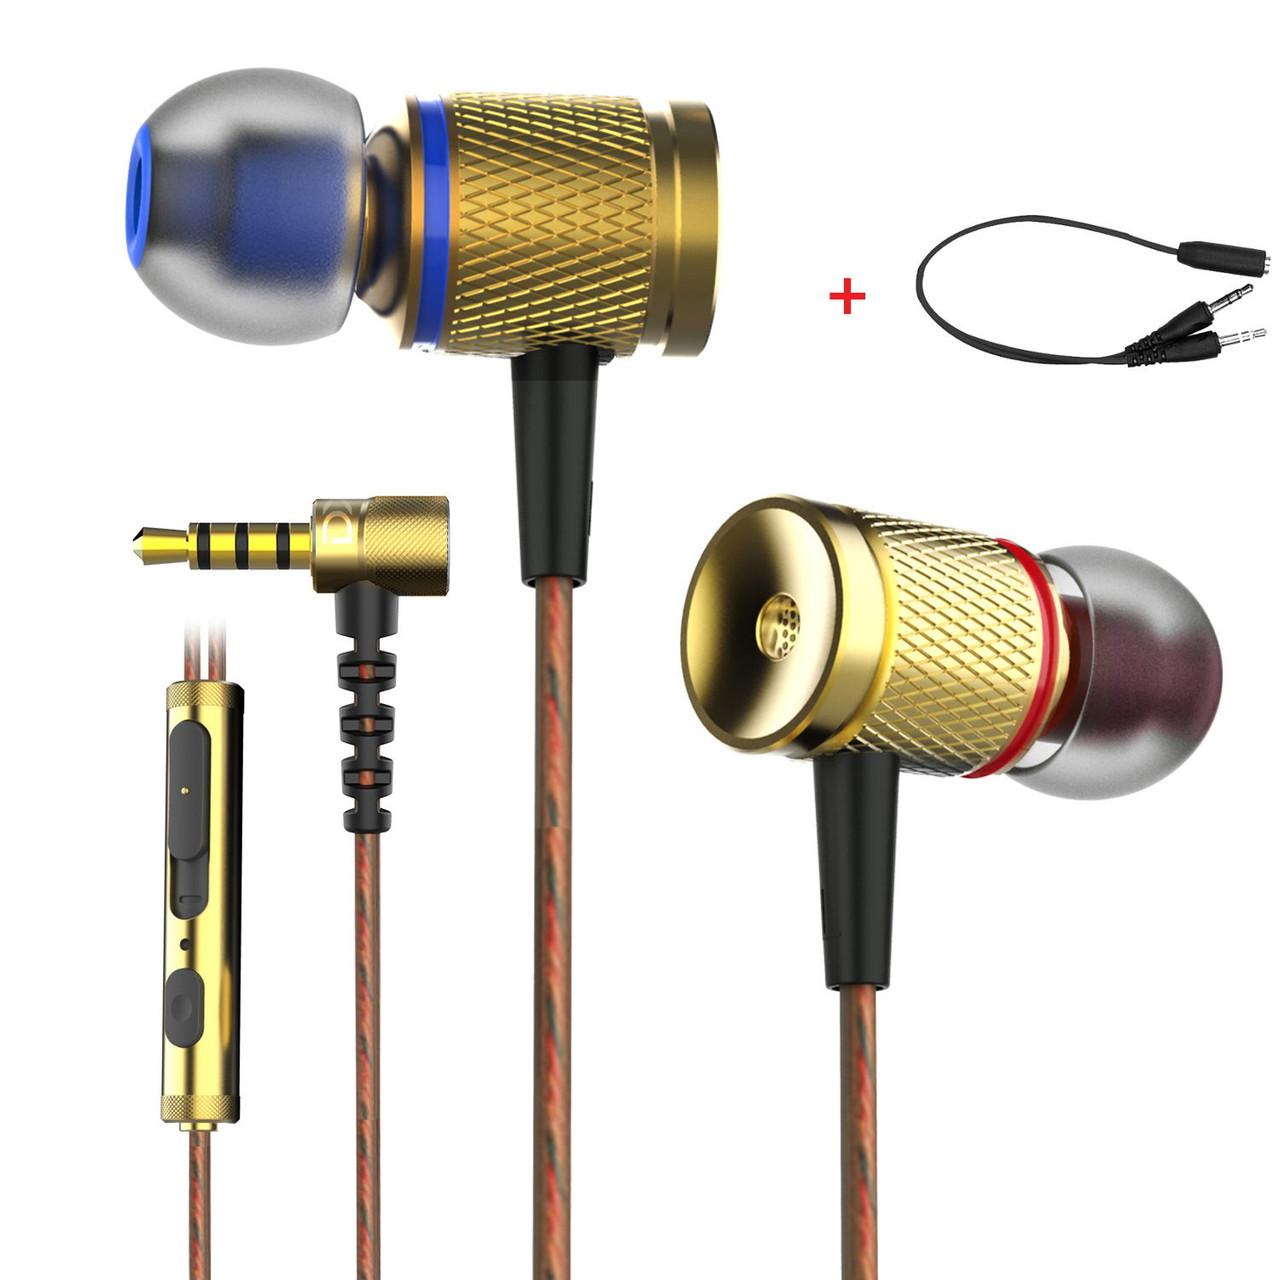 Дротові динамічні стерео навушники ігрова гарнітура з мікрофоном Plextone Bass Head DX2 Gold + аудіо